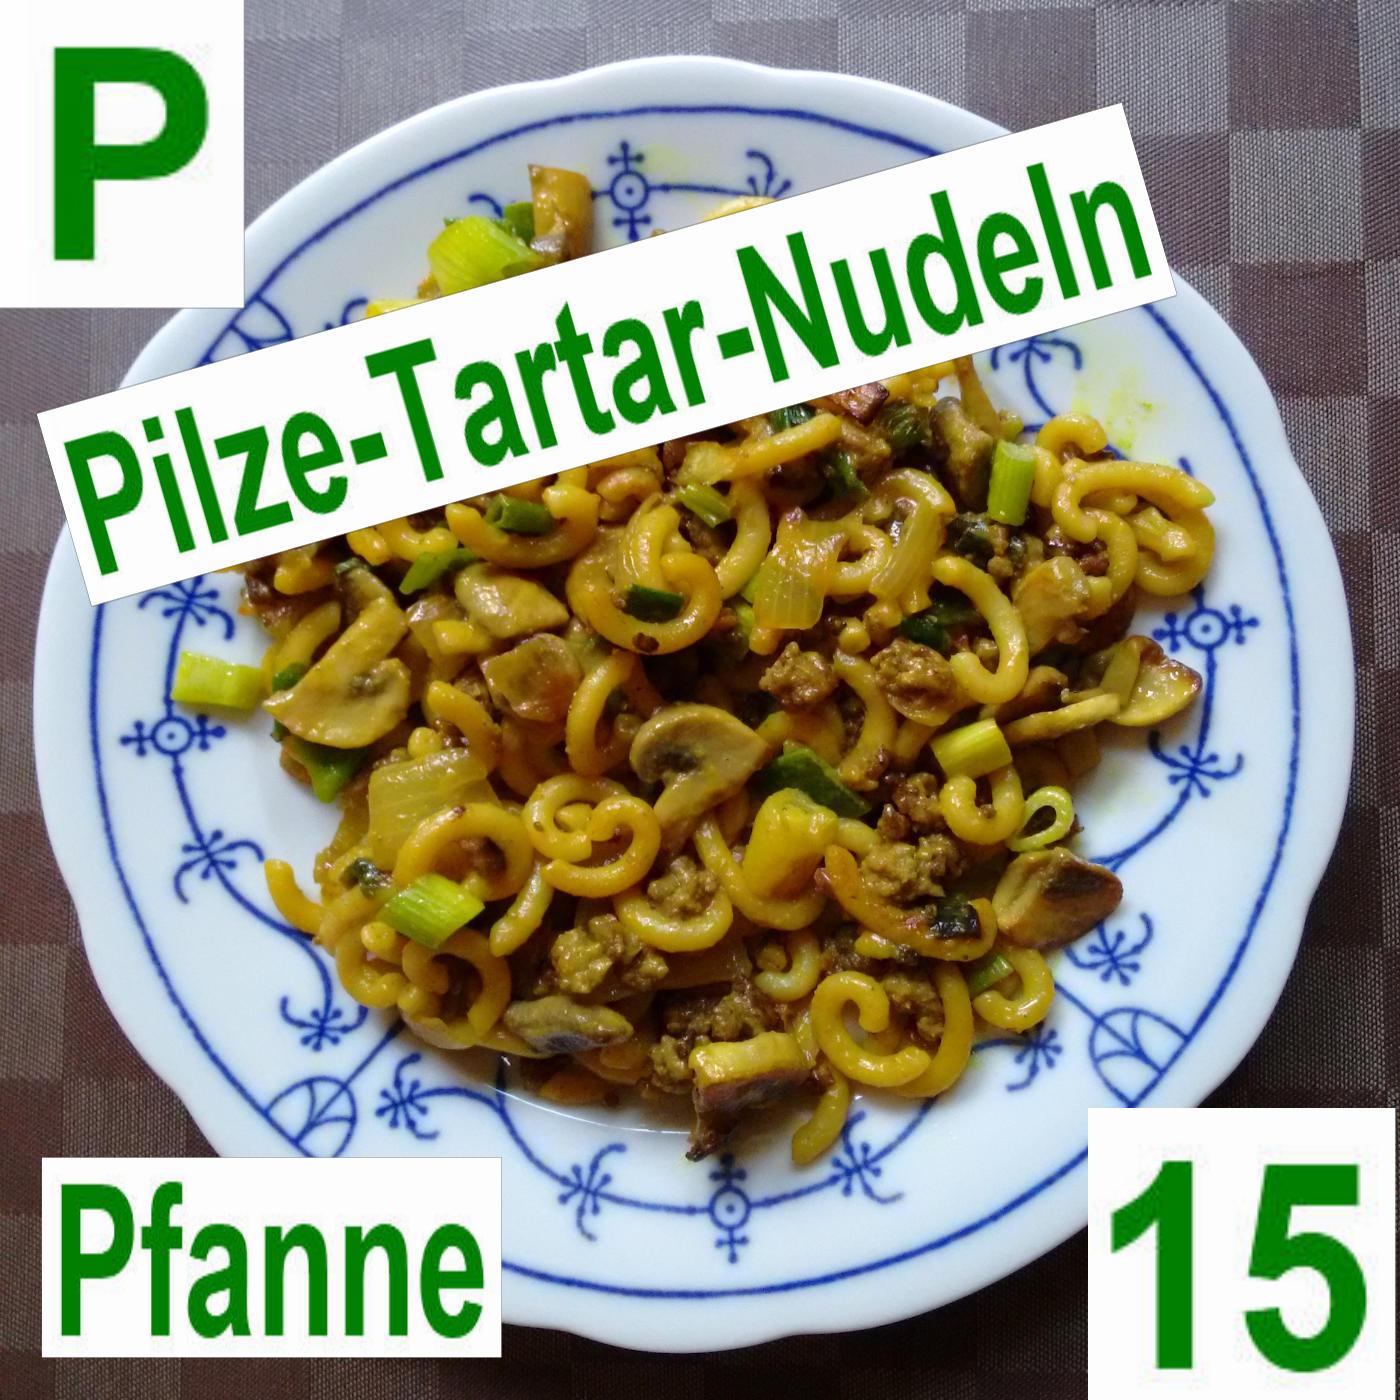 Pilze Tartar Nudelpfanne | vonMich